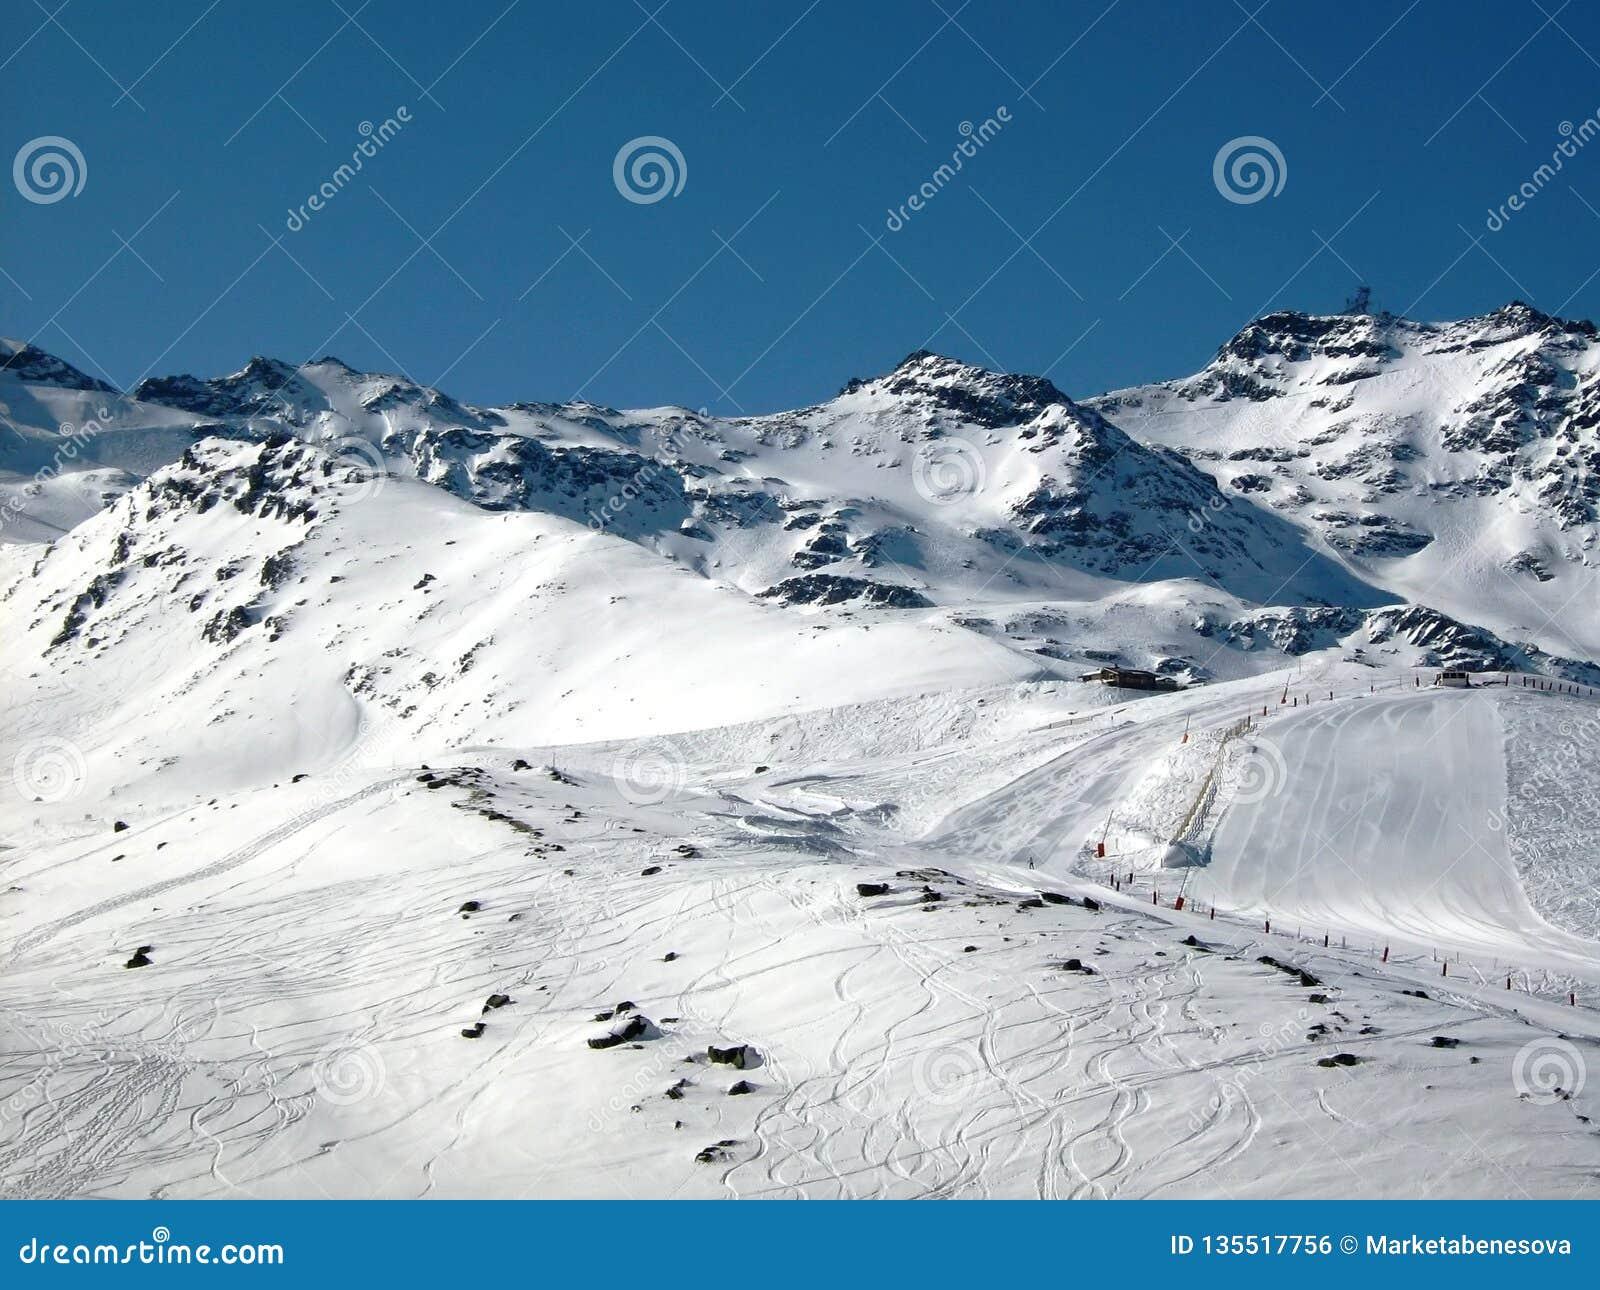 Skispuren und Skisteigung in den Bergen